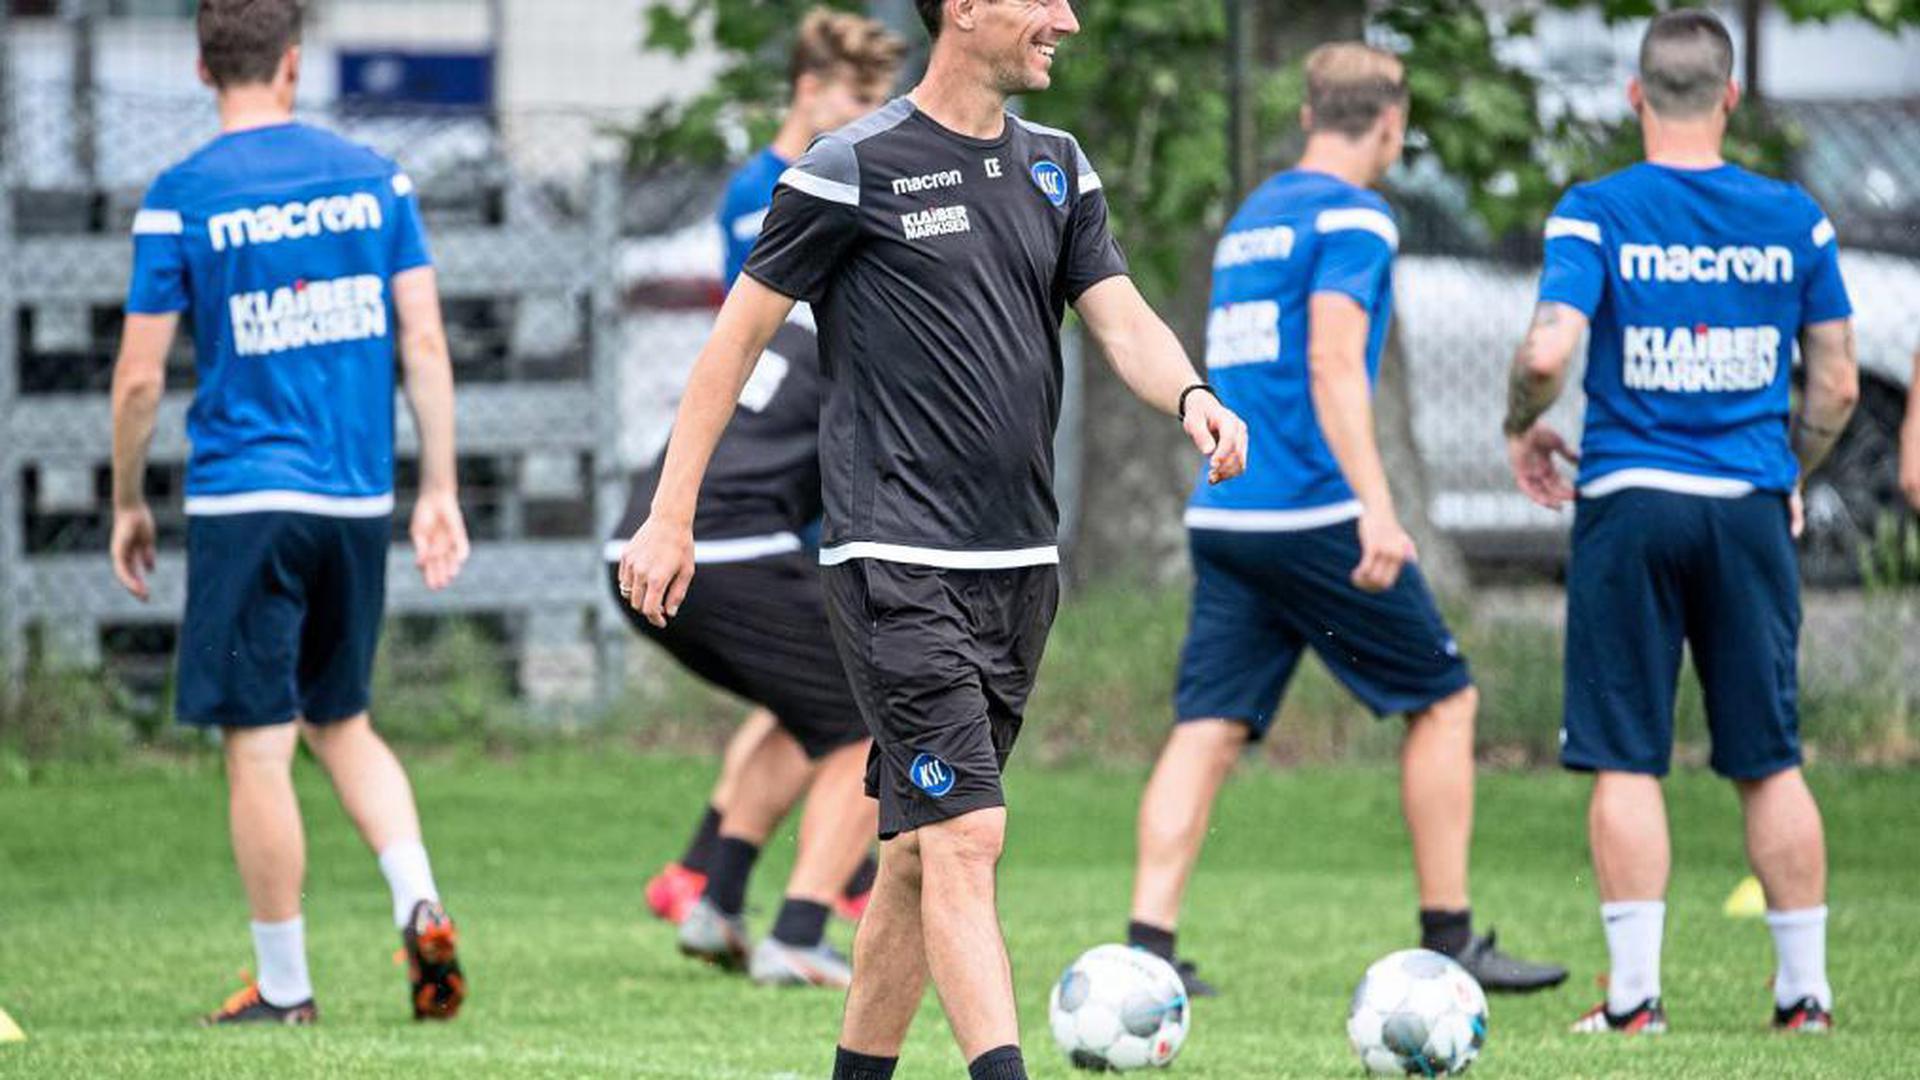 Bochum, Hannover, St. Pauli: Diese Gegner kommen auf die Mannschaft des Karlsruher Cheftrainers Christian Eichner während der anstehenden Englischen Woche zu.